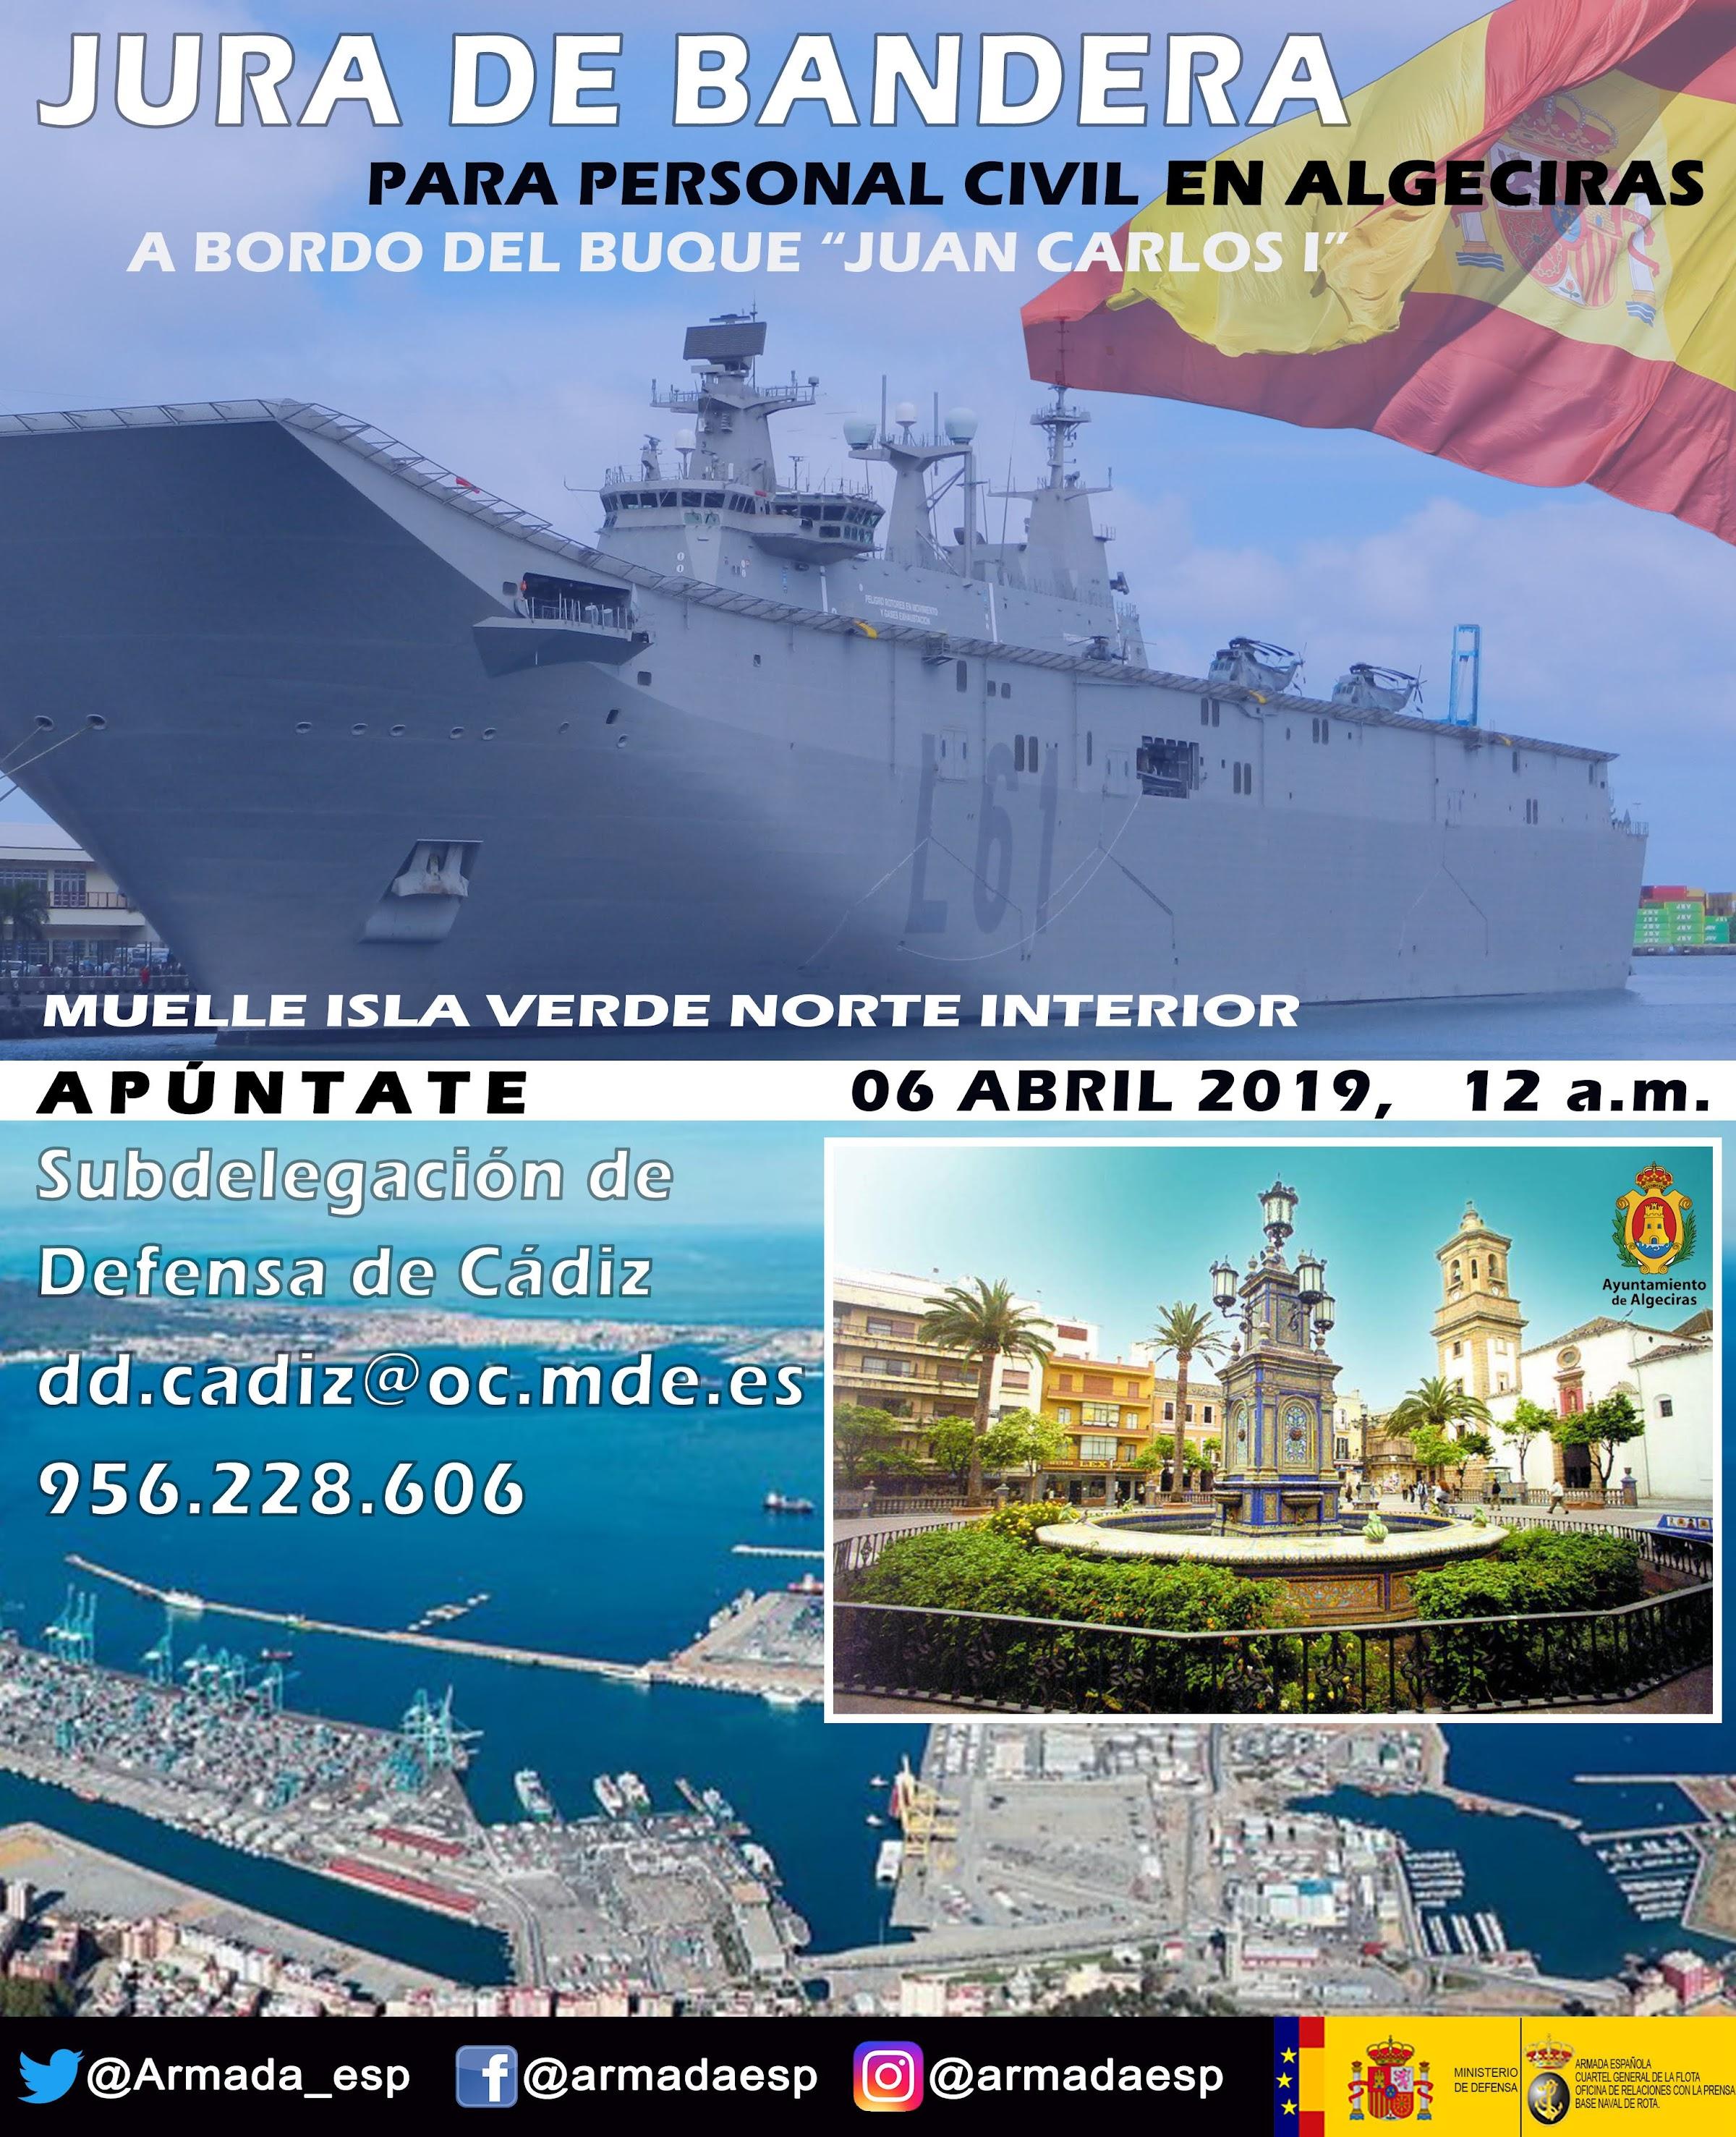 """Los interesados en la Jura de Bandera a bordo del Portaaronaves """"Juan Carlos I"""" en Algeciras deberán inscribirse en Defensa"""